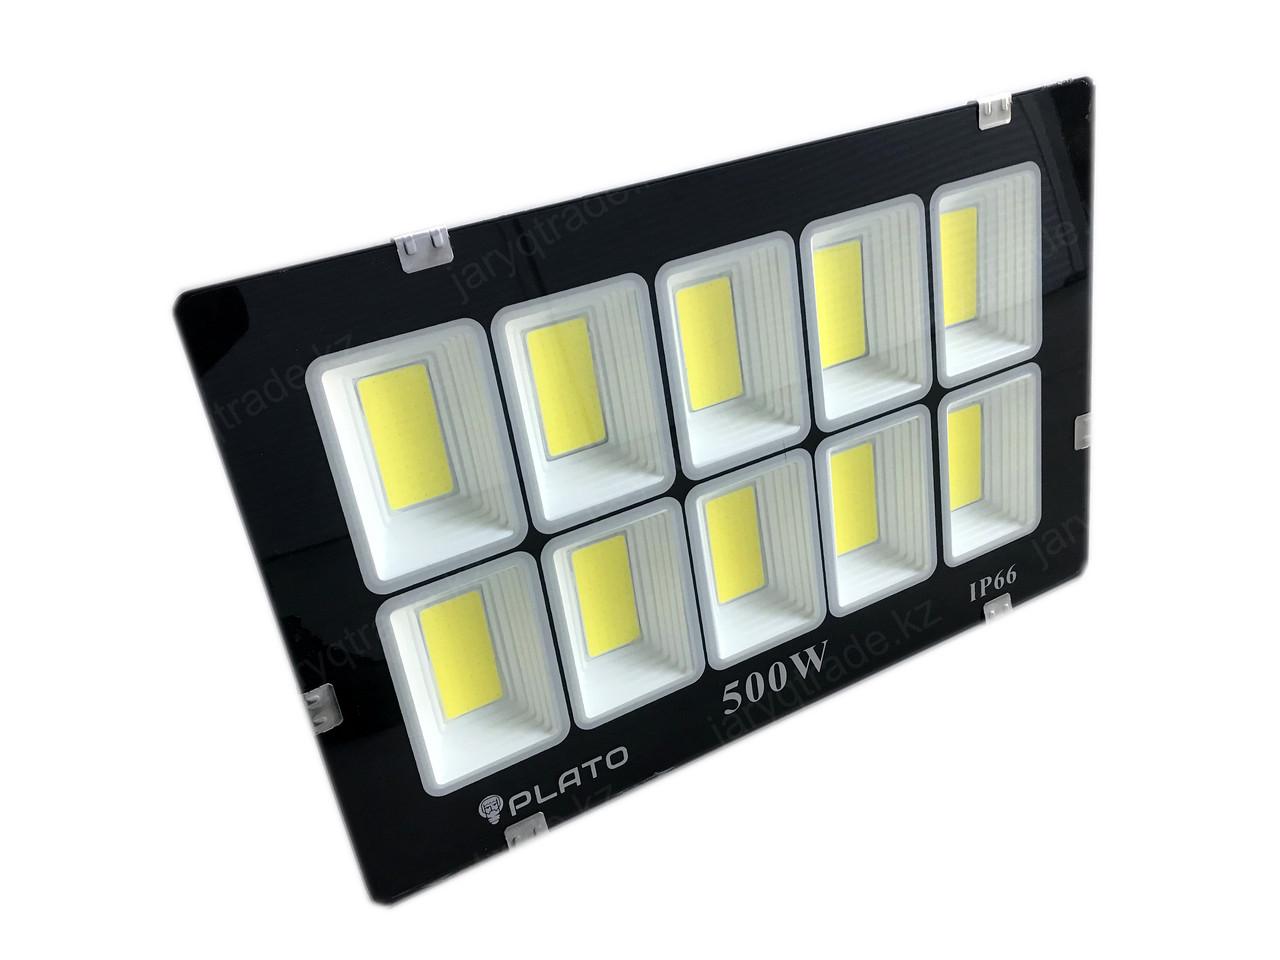 Светодиодный прожектор PLATO 500 W, 6500K